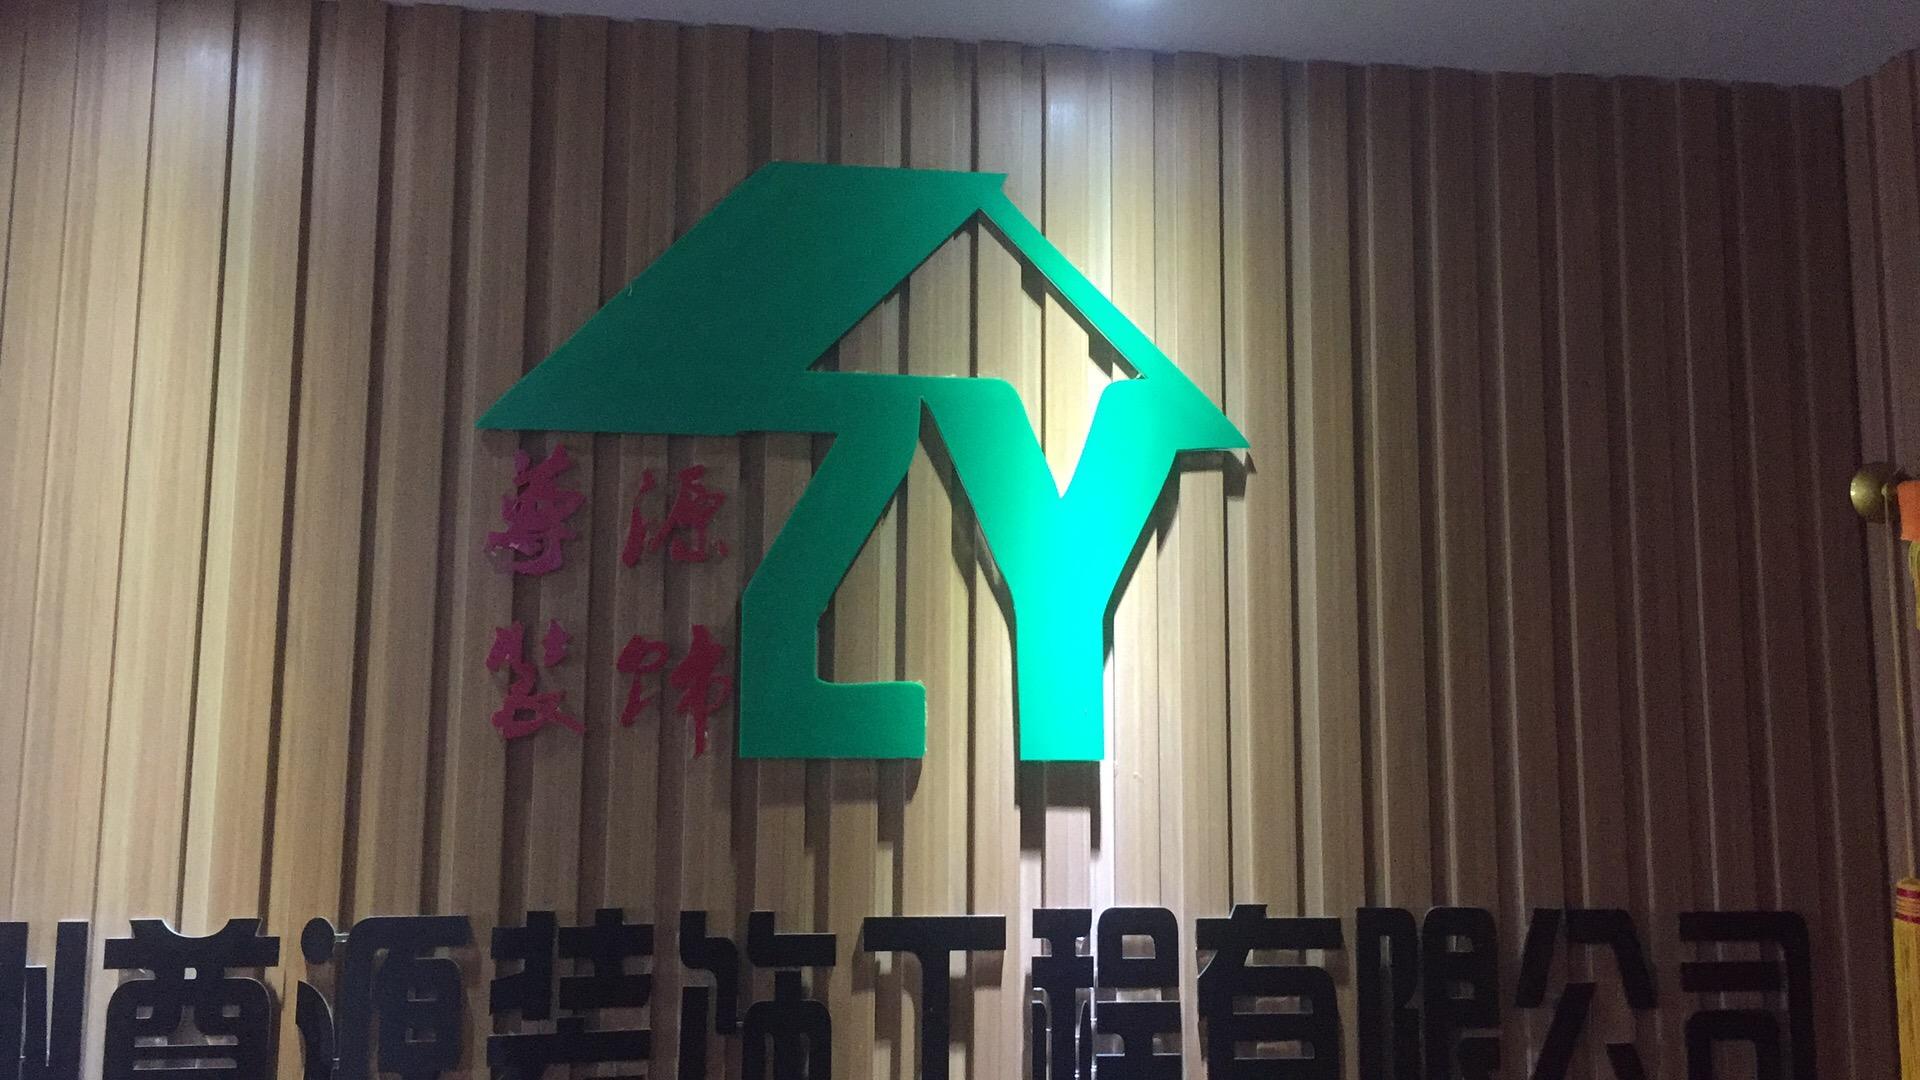 扬州尊源装饰工程有限公司 - 扬州装修公司